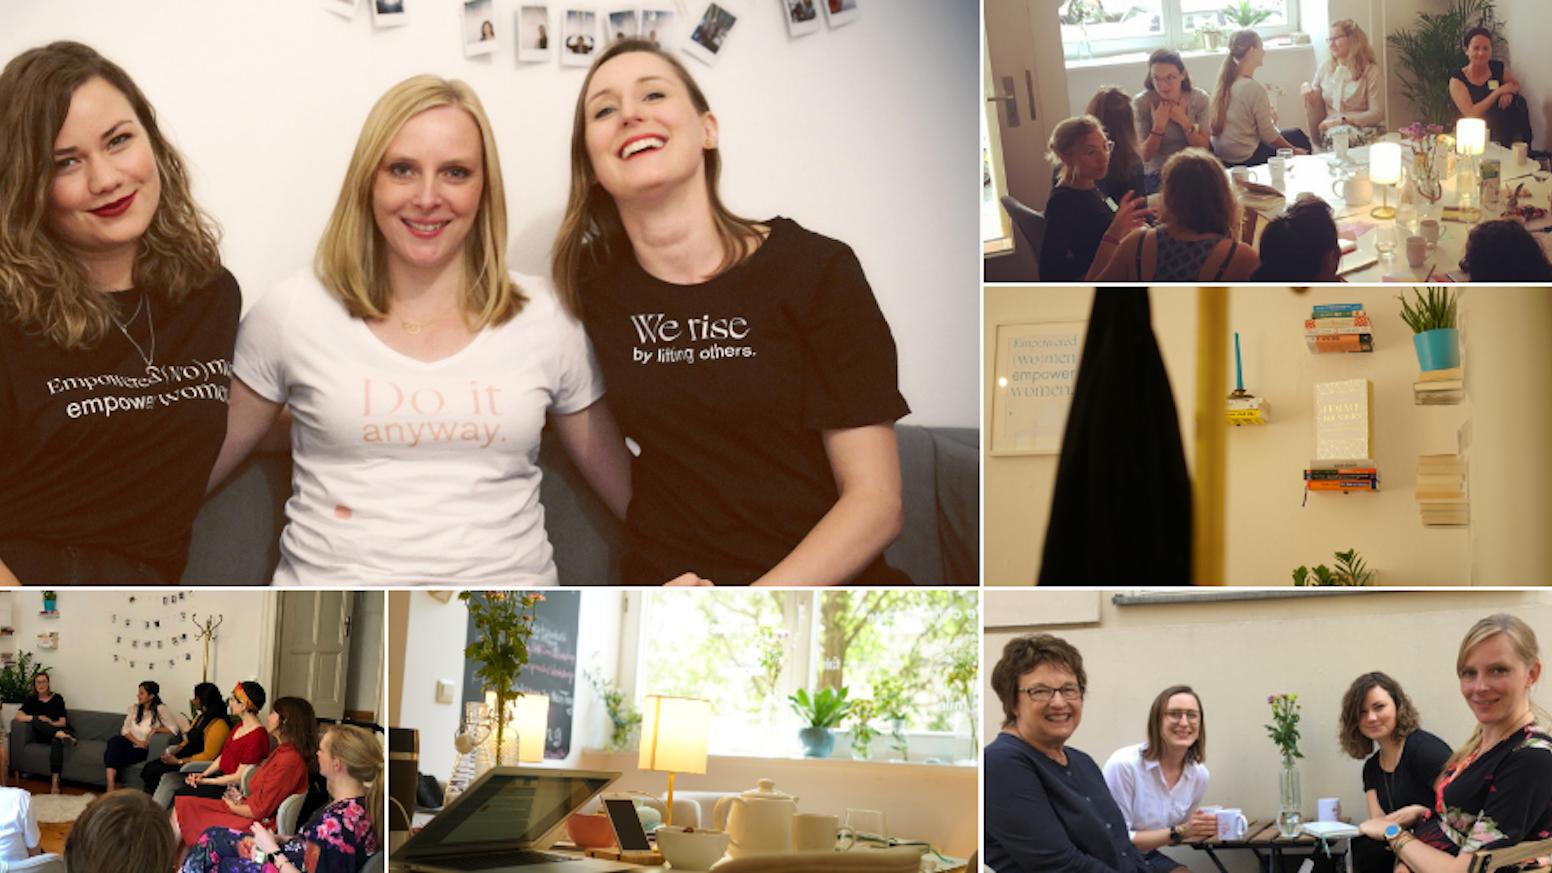 CoWomen - Community Club & Coworking Space. Wir verbinden aufstrebende Frauen und rütteln die (Arbeits-)Welt auf.